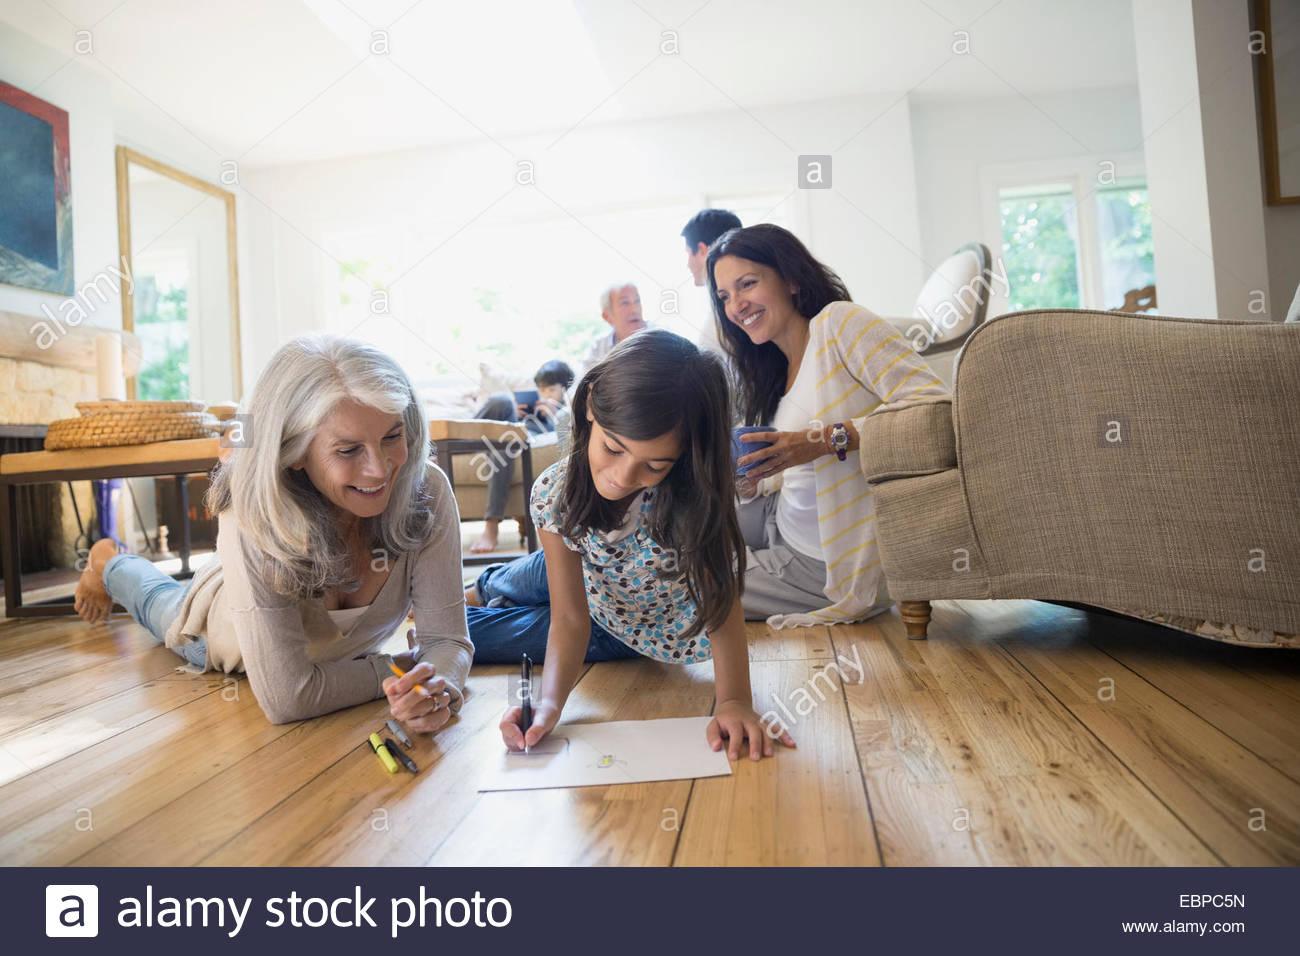 Grand-mère et petite-fille coloriage de salon Photo Stock